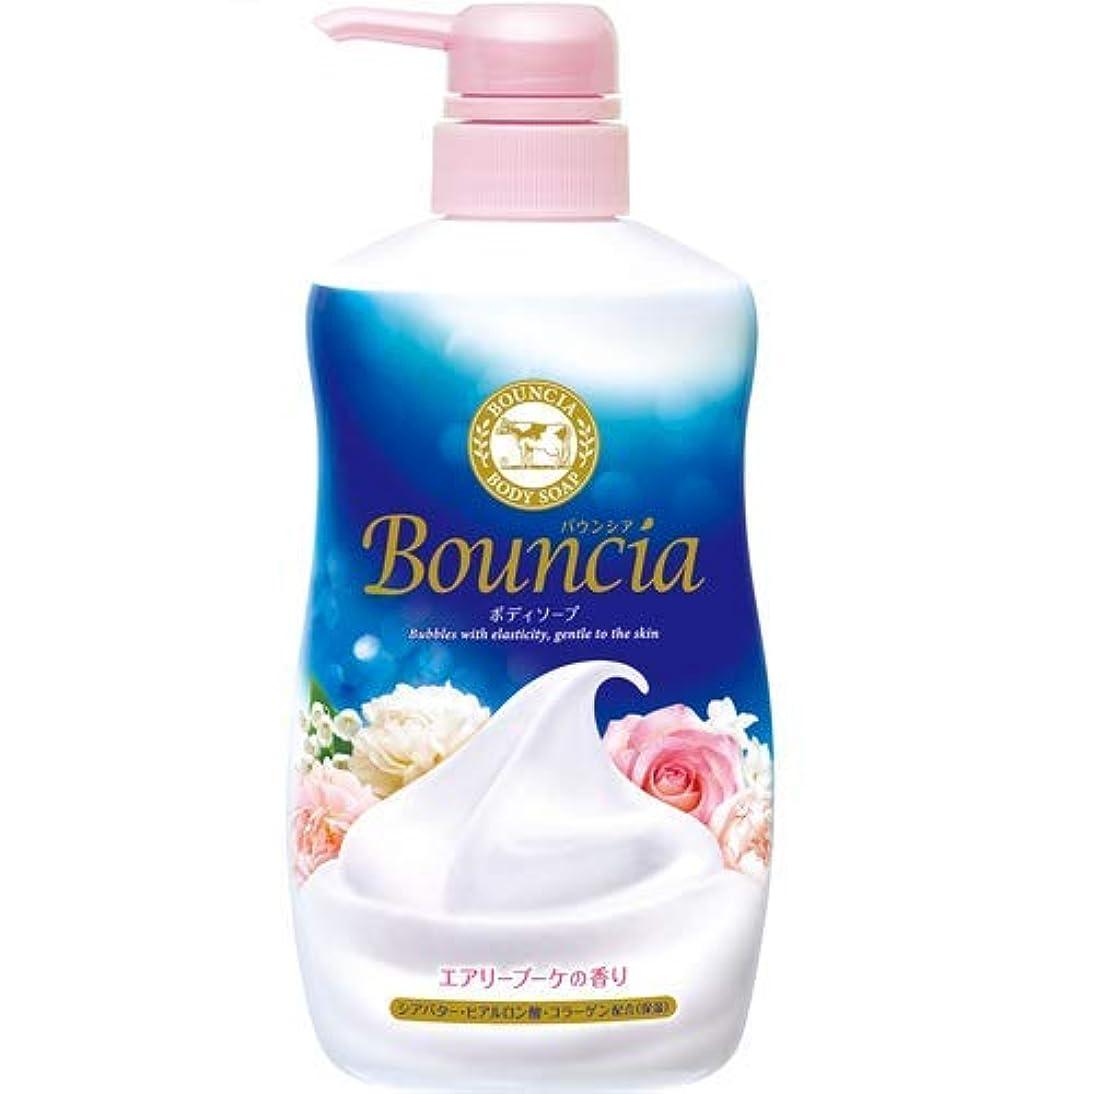 飽和する削減あるバウンシア ボディソープ エアリーブーケの香り ポンプ付 500mL